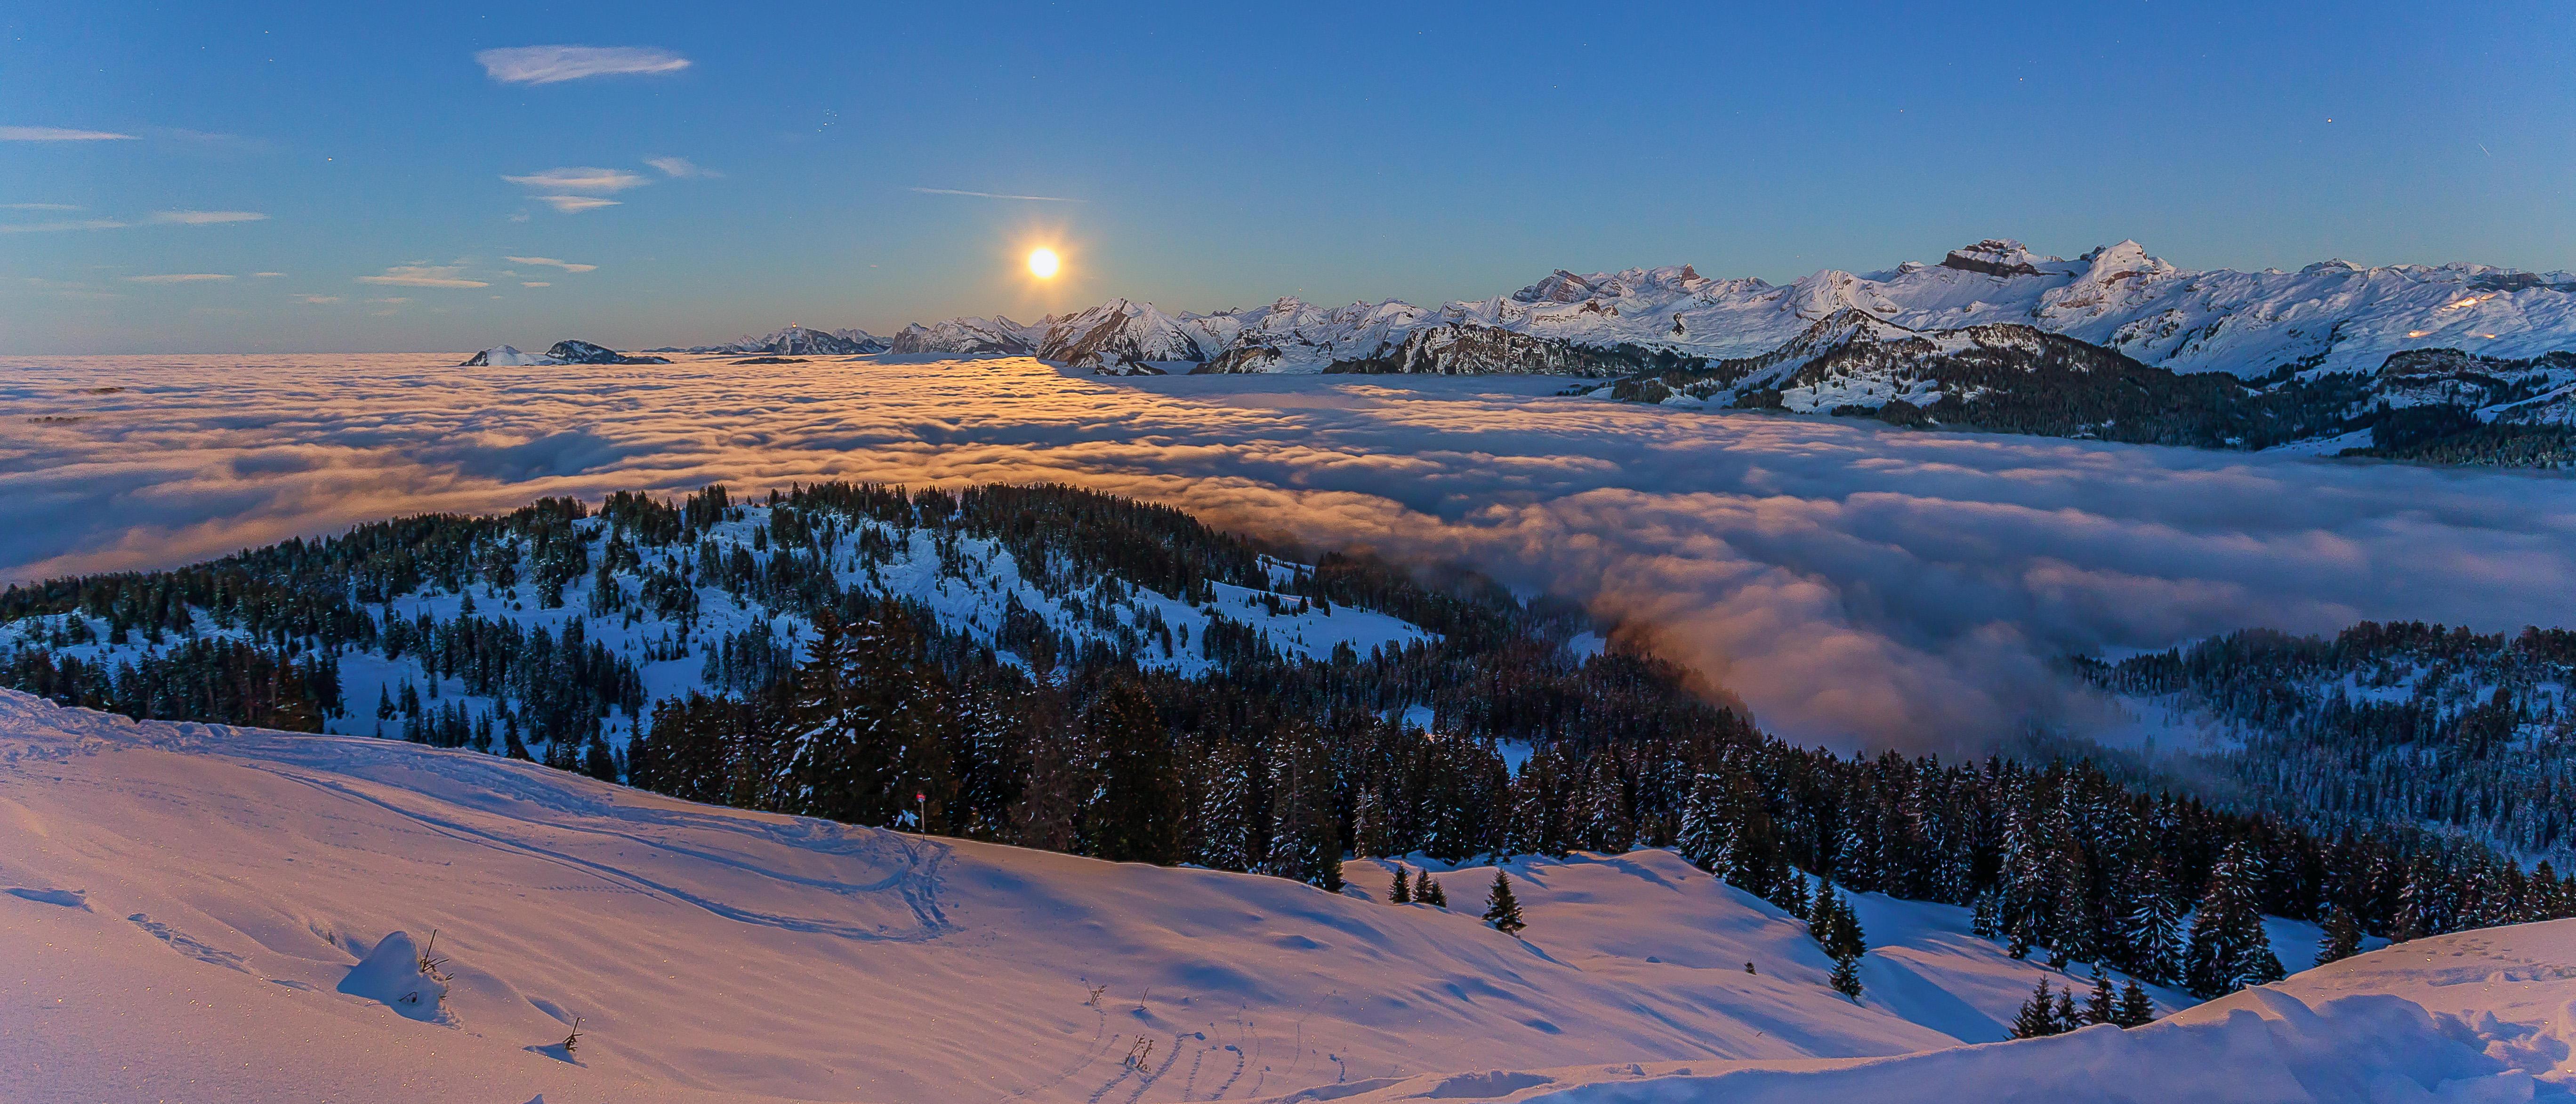 обои Море тумана, Альпы, Панорама, Швейцария картинки фото